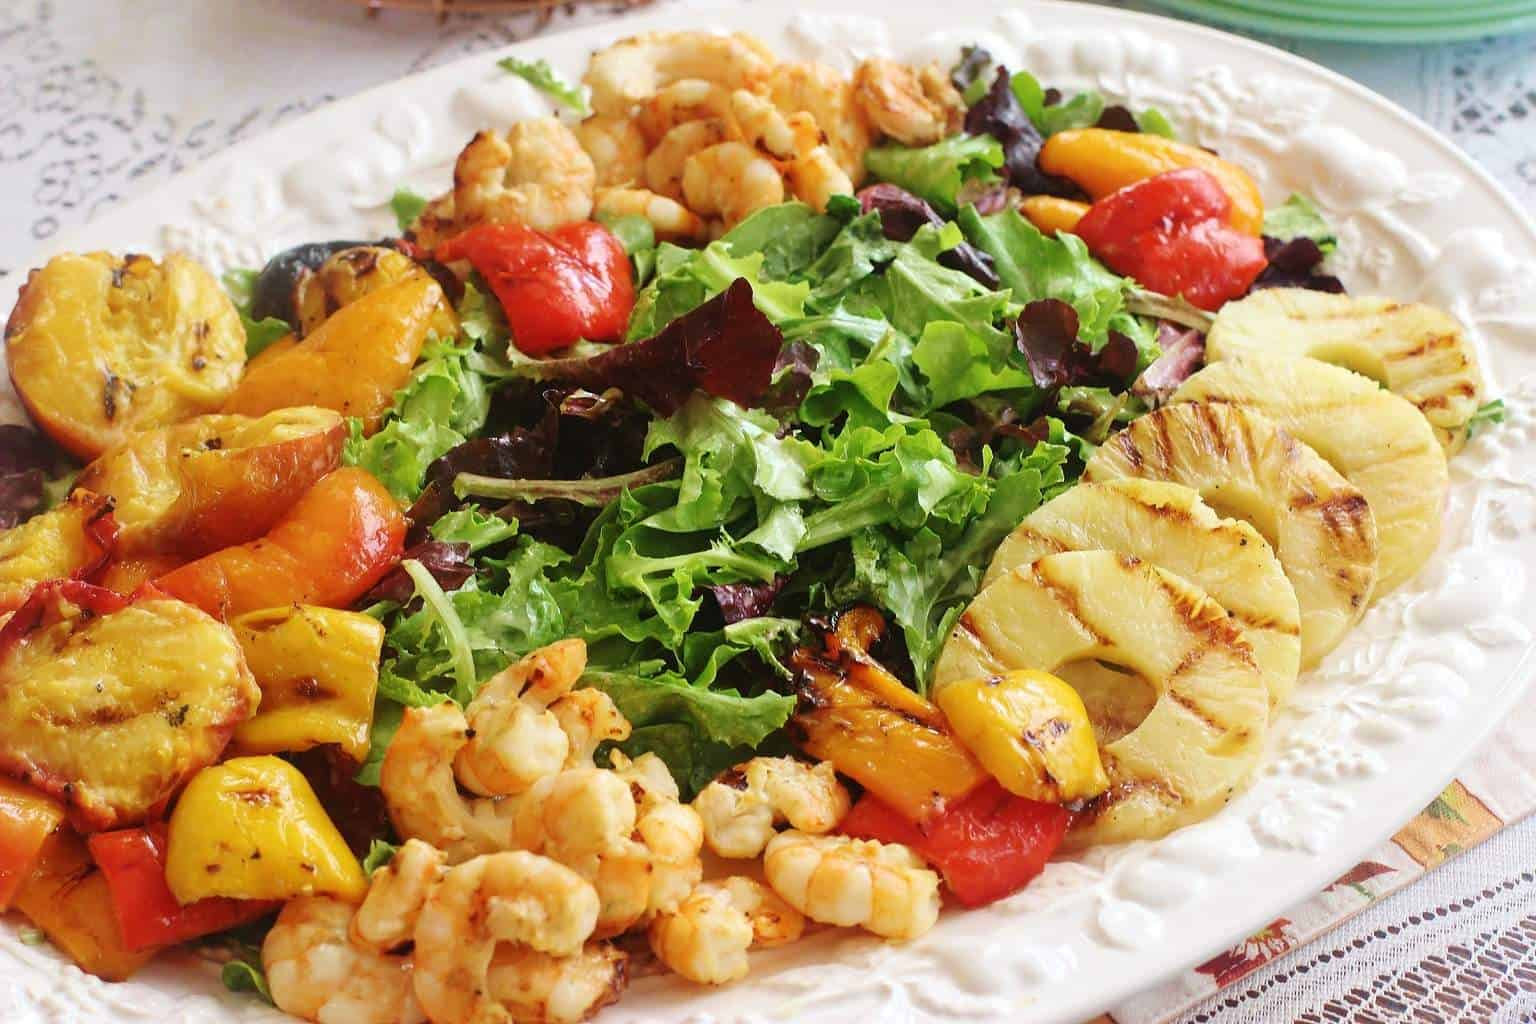 Grilled Shrimp and Fruit Salad